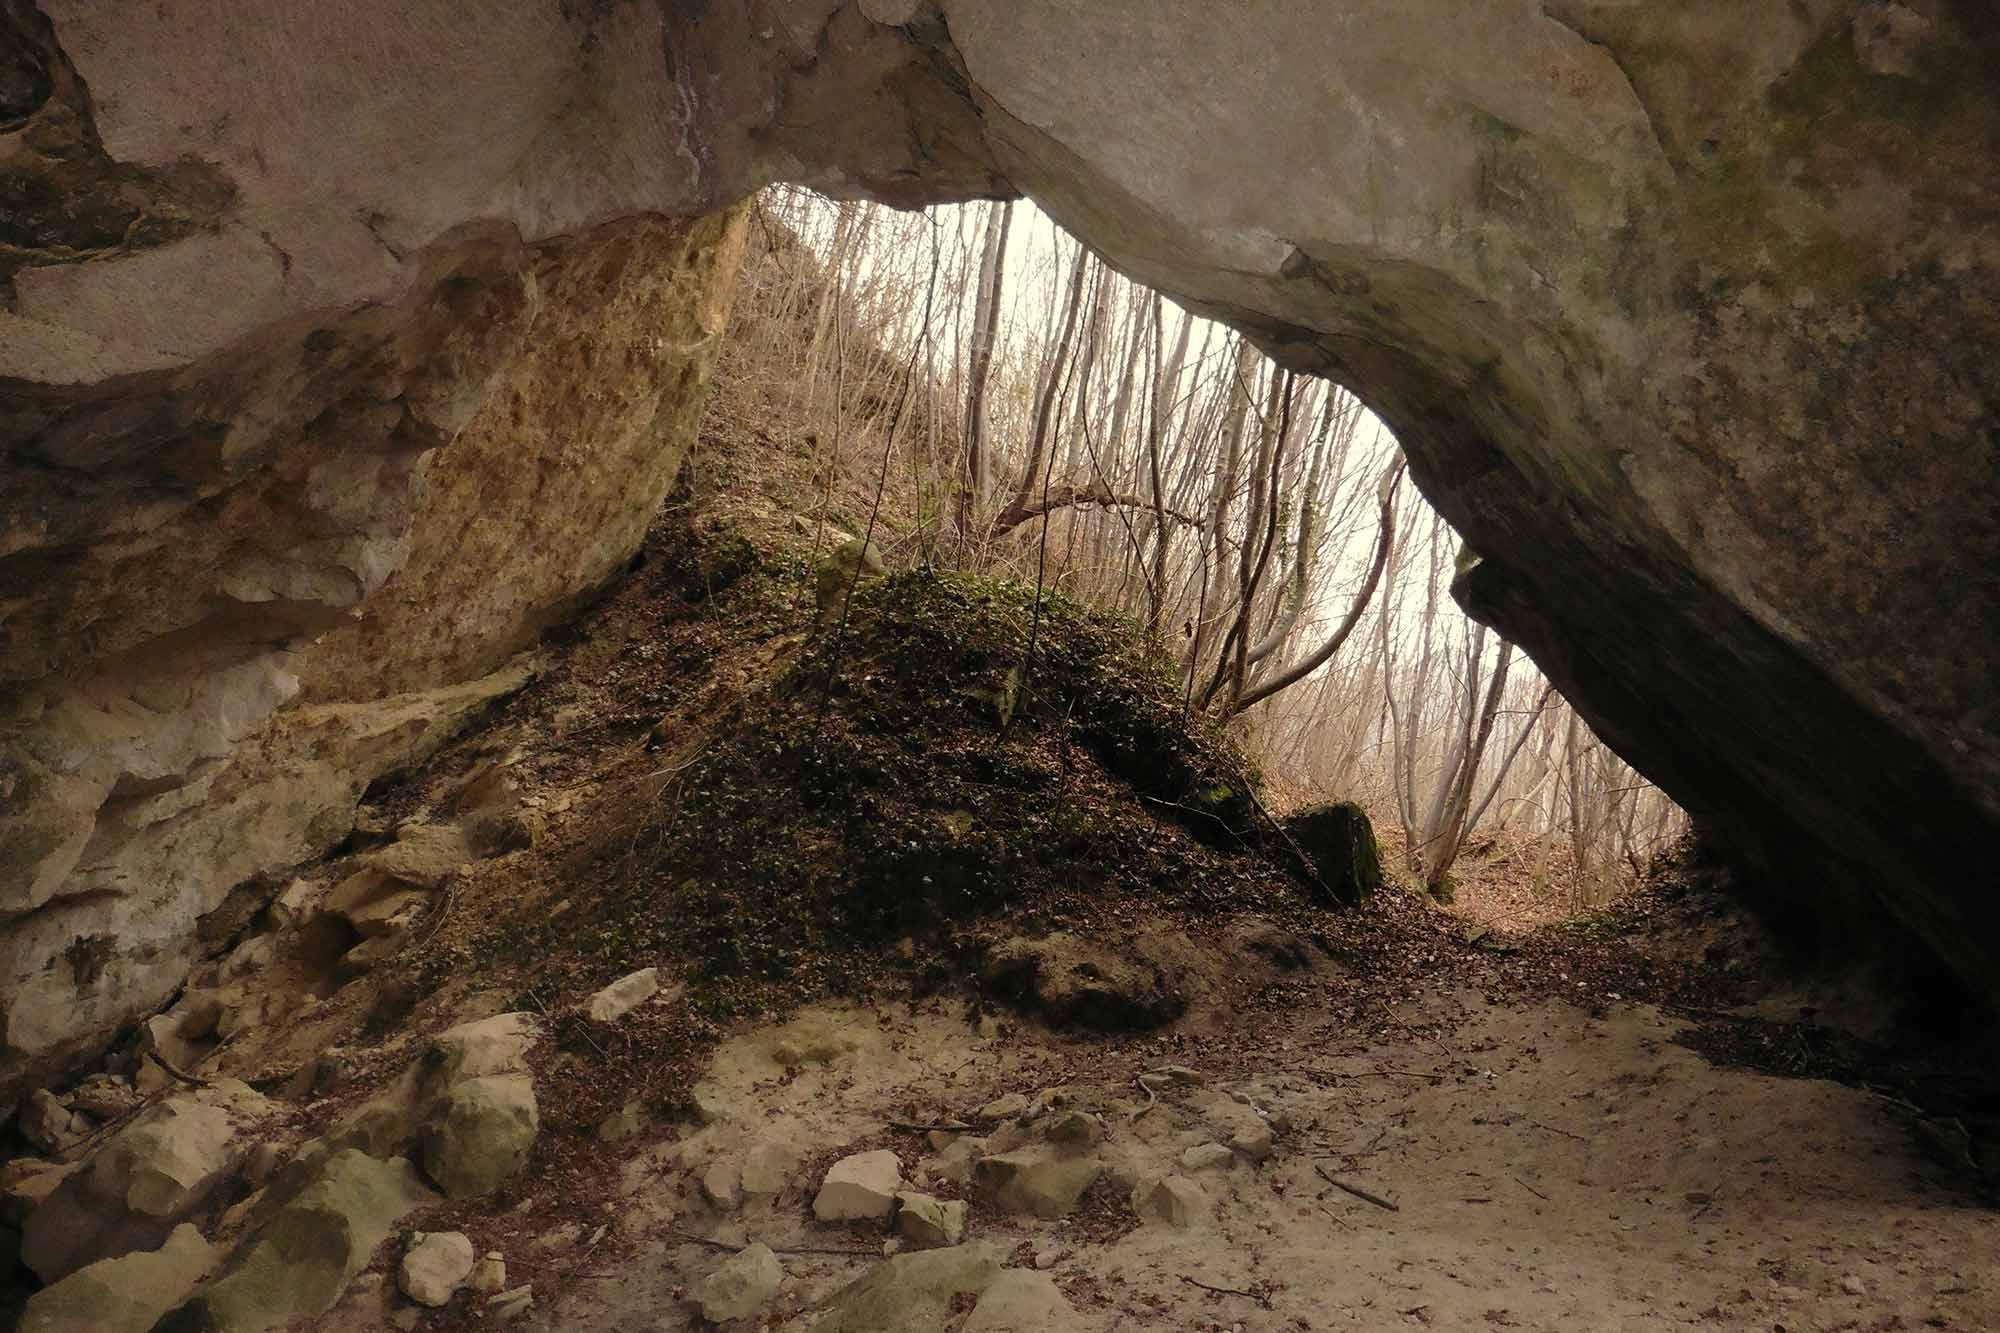 Le grotte segrete della piera dolza